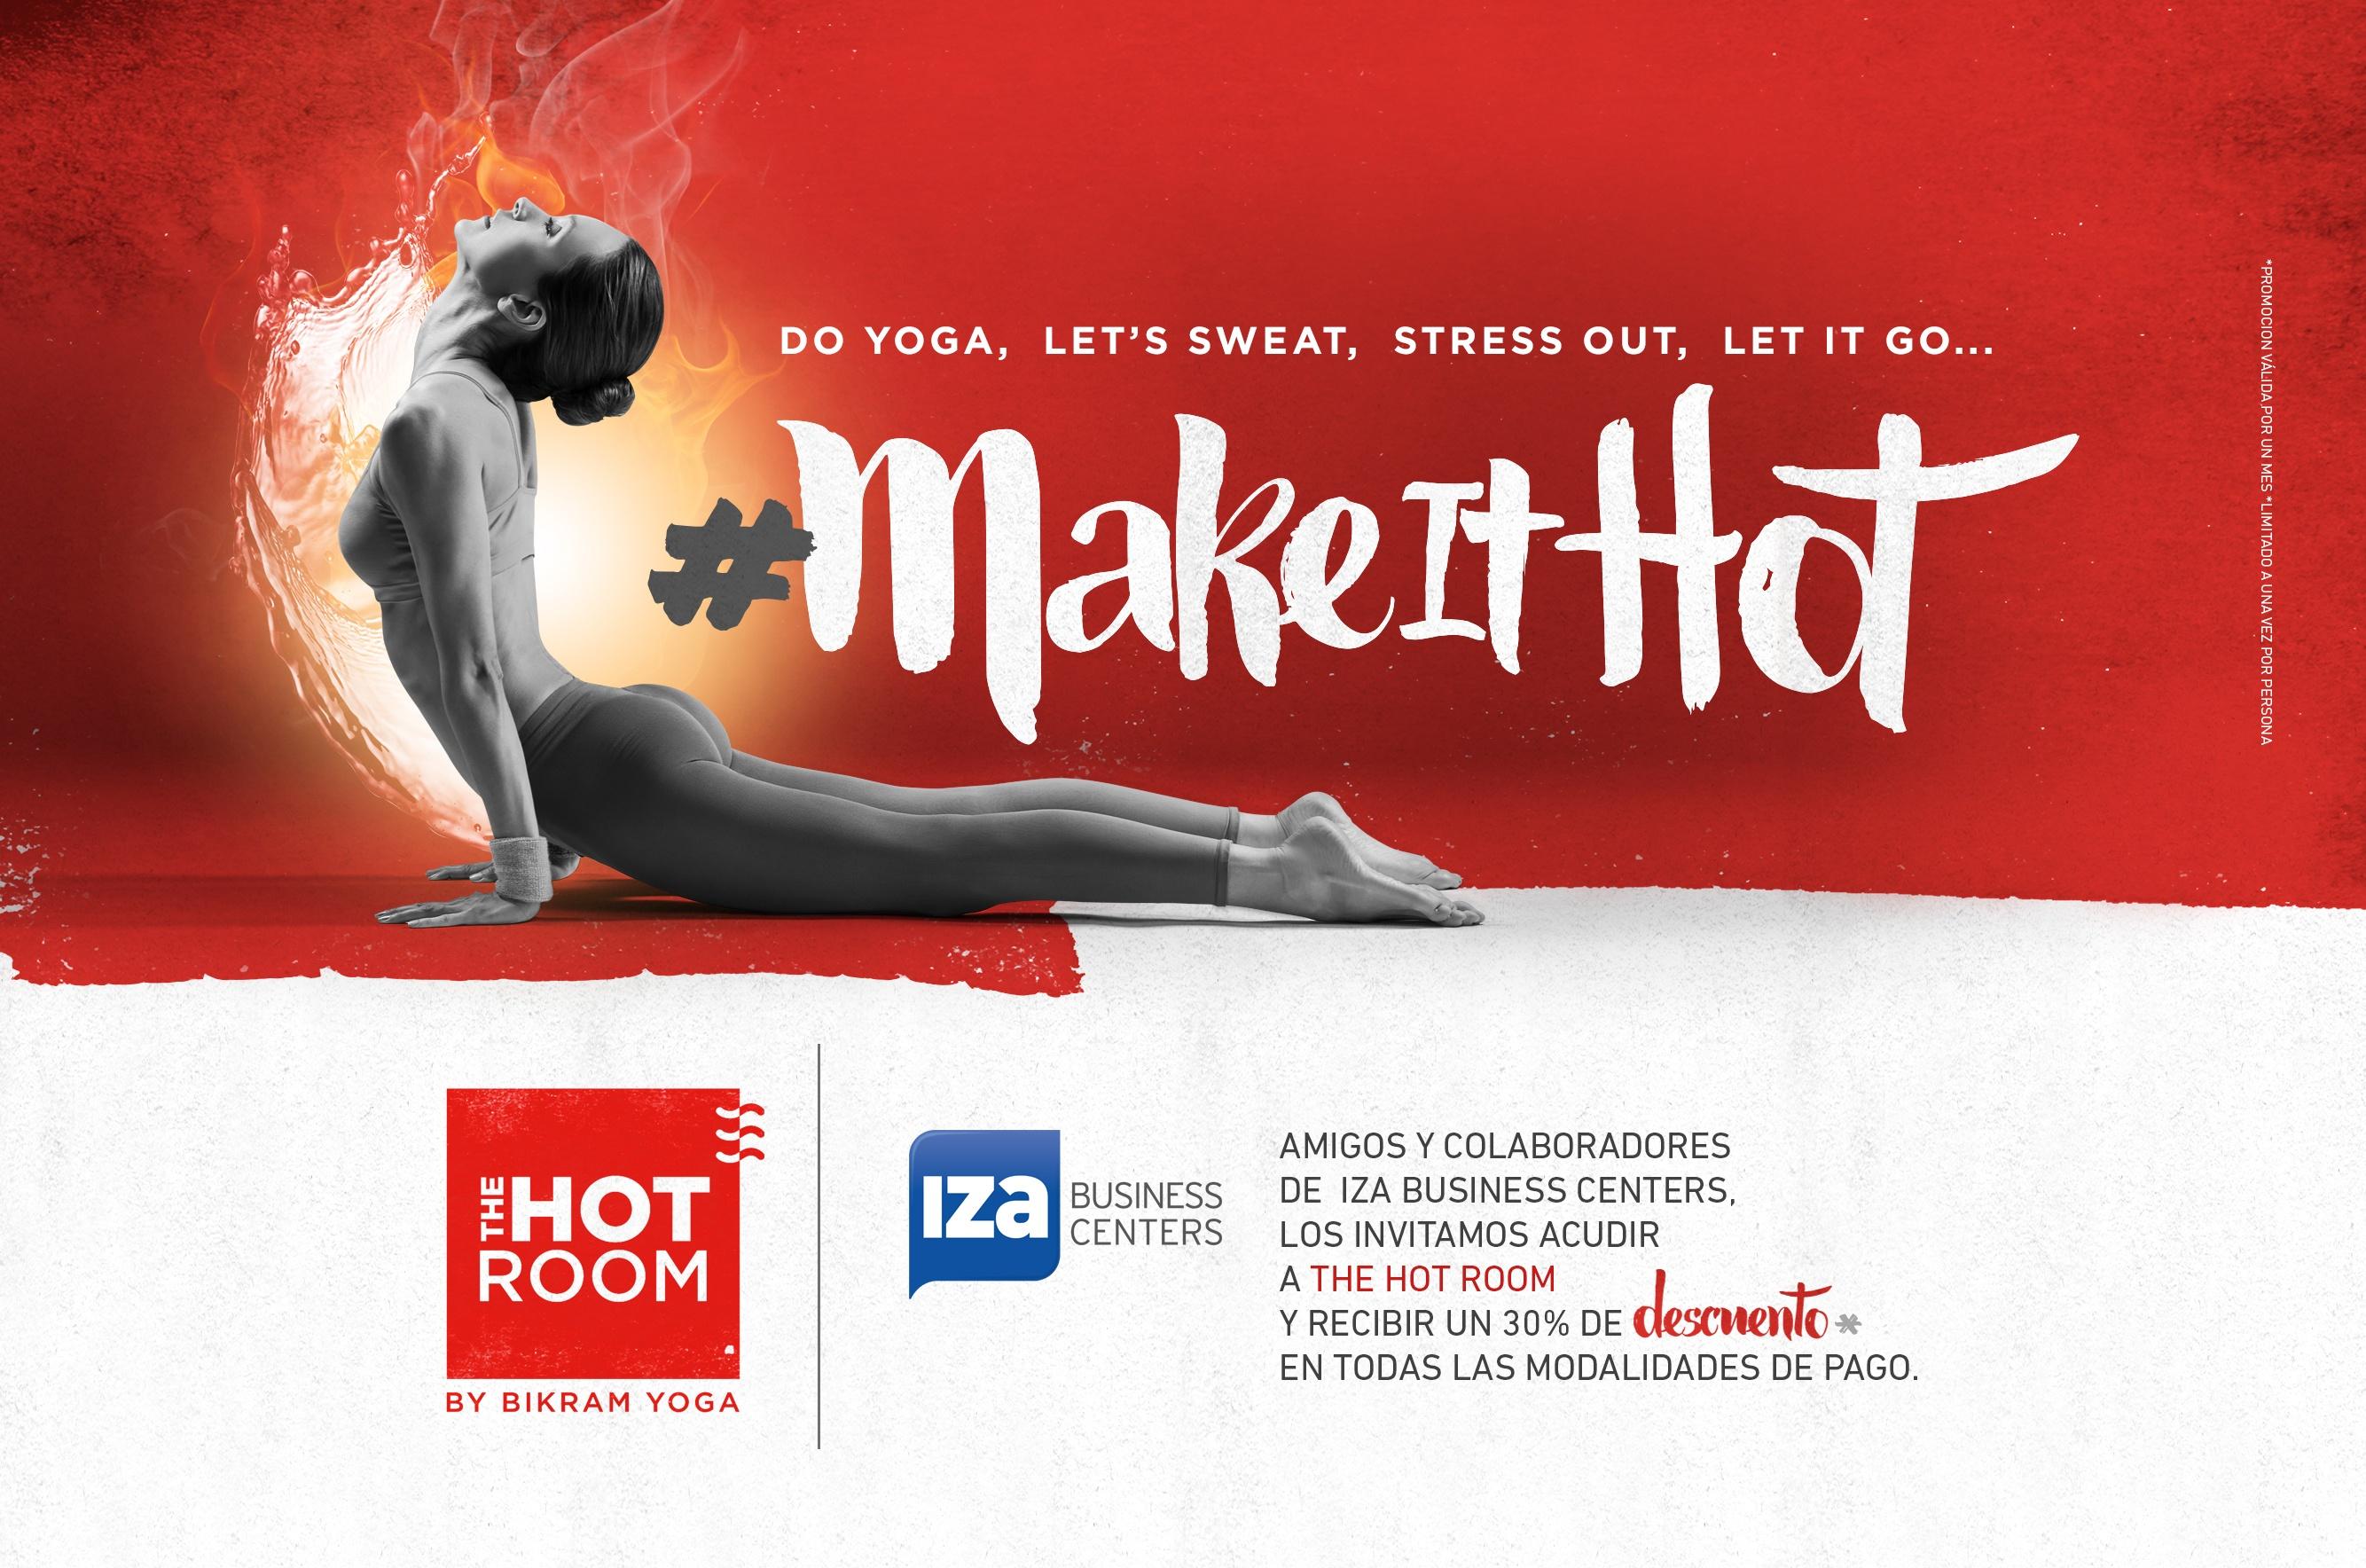 HOT ROOM Beneficio para cliente de oficinas en monterrey IZA BC 2-1